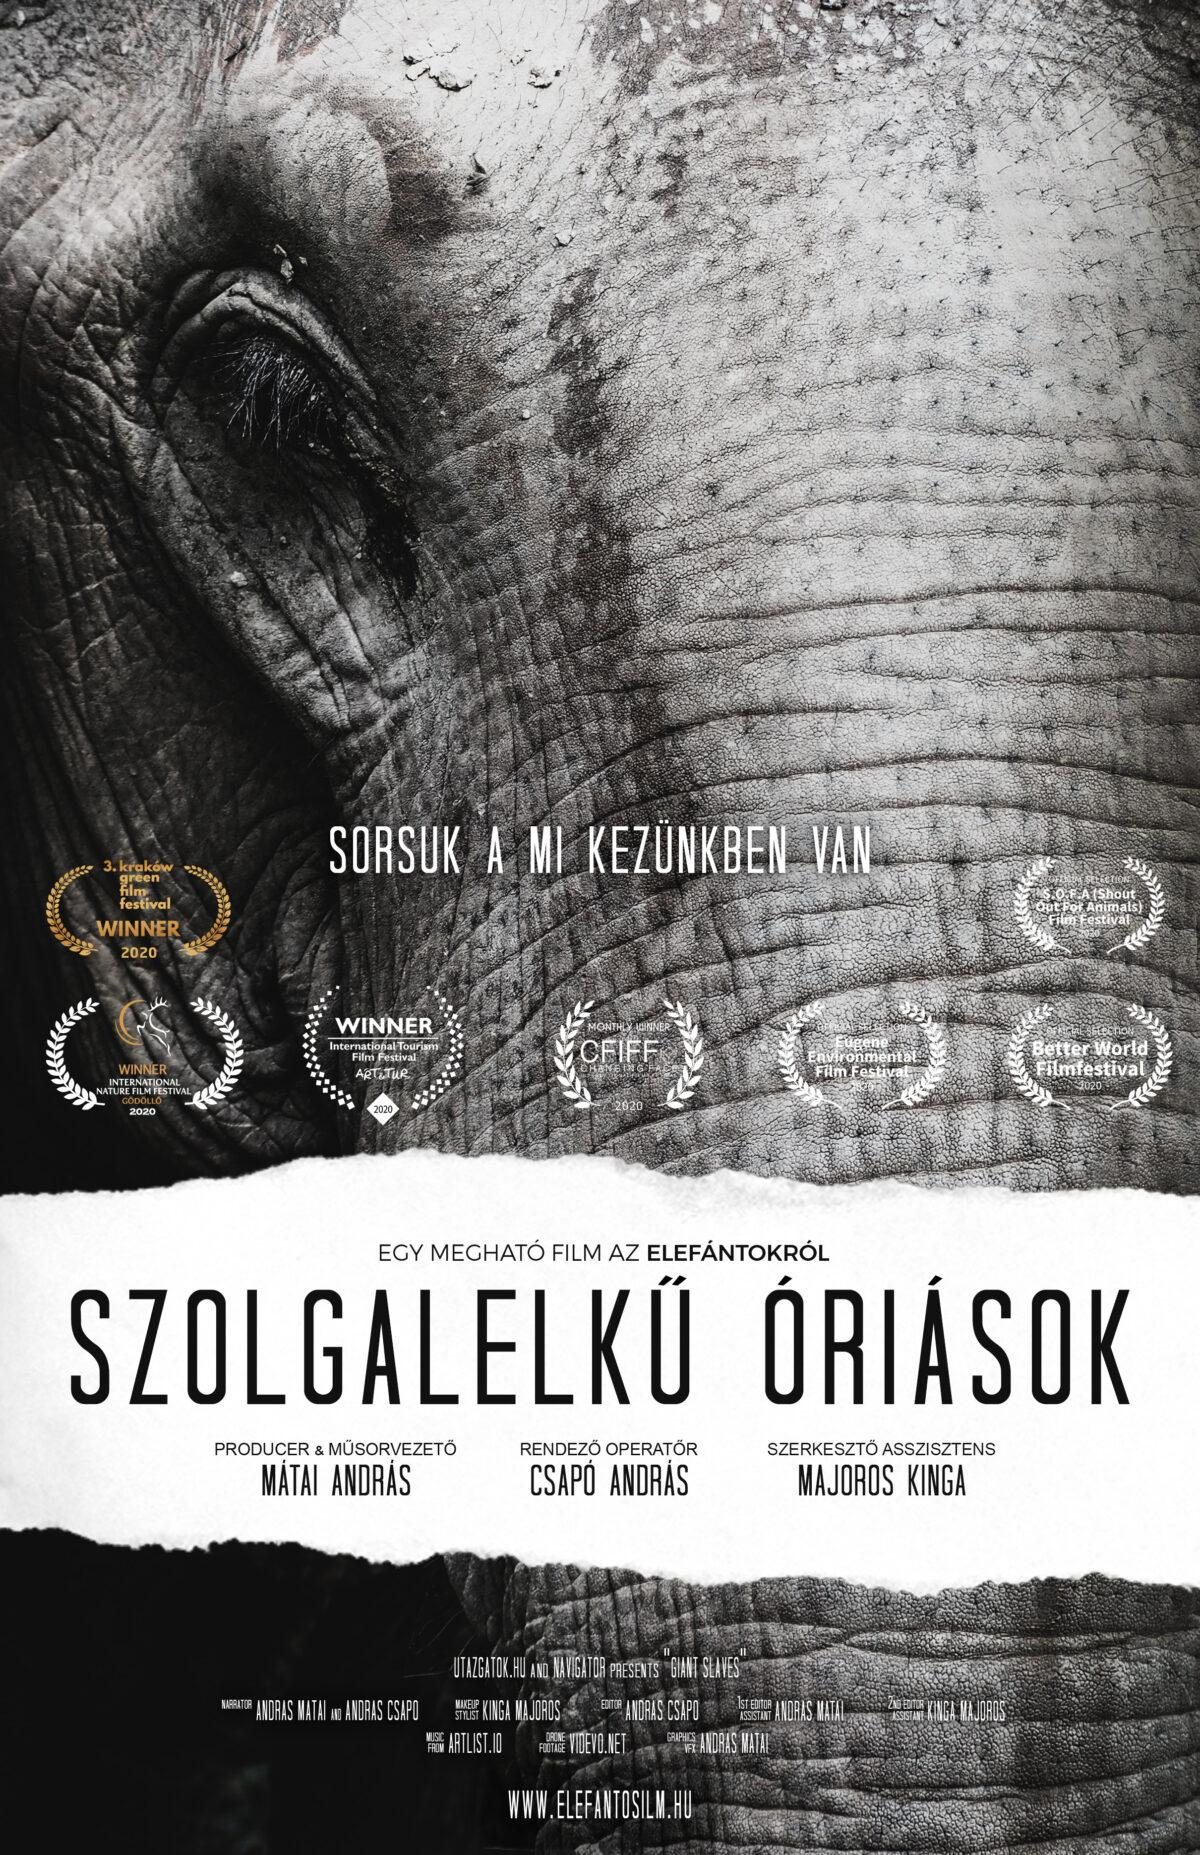 Mi az elefántokkal vagyunk!